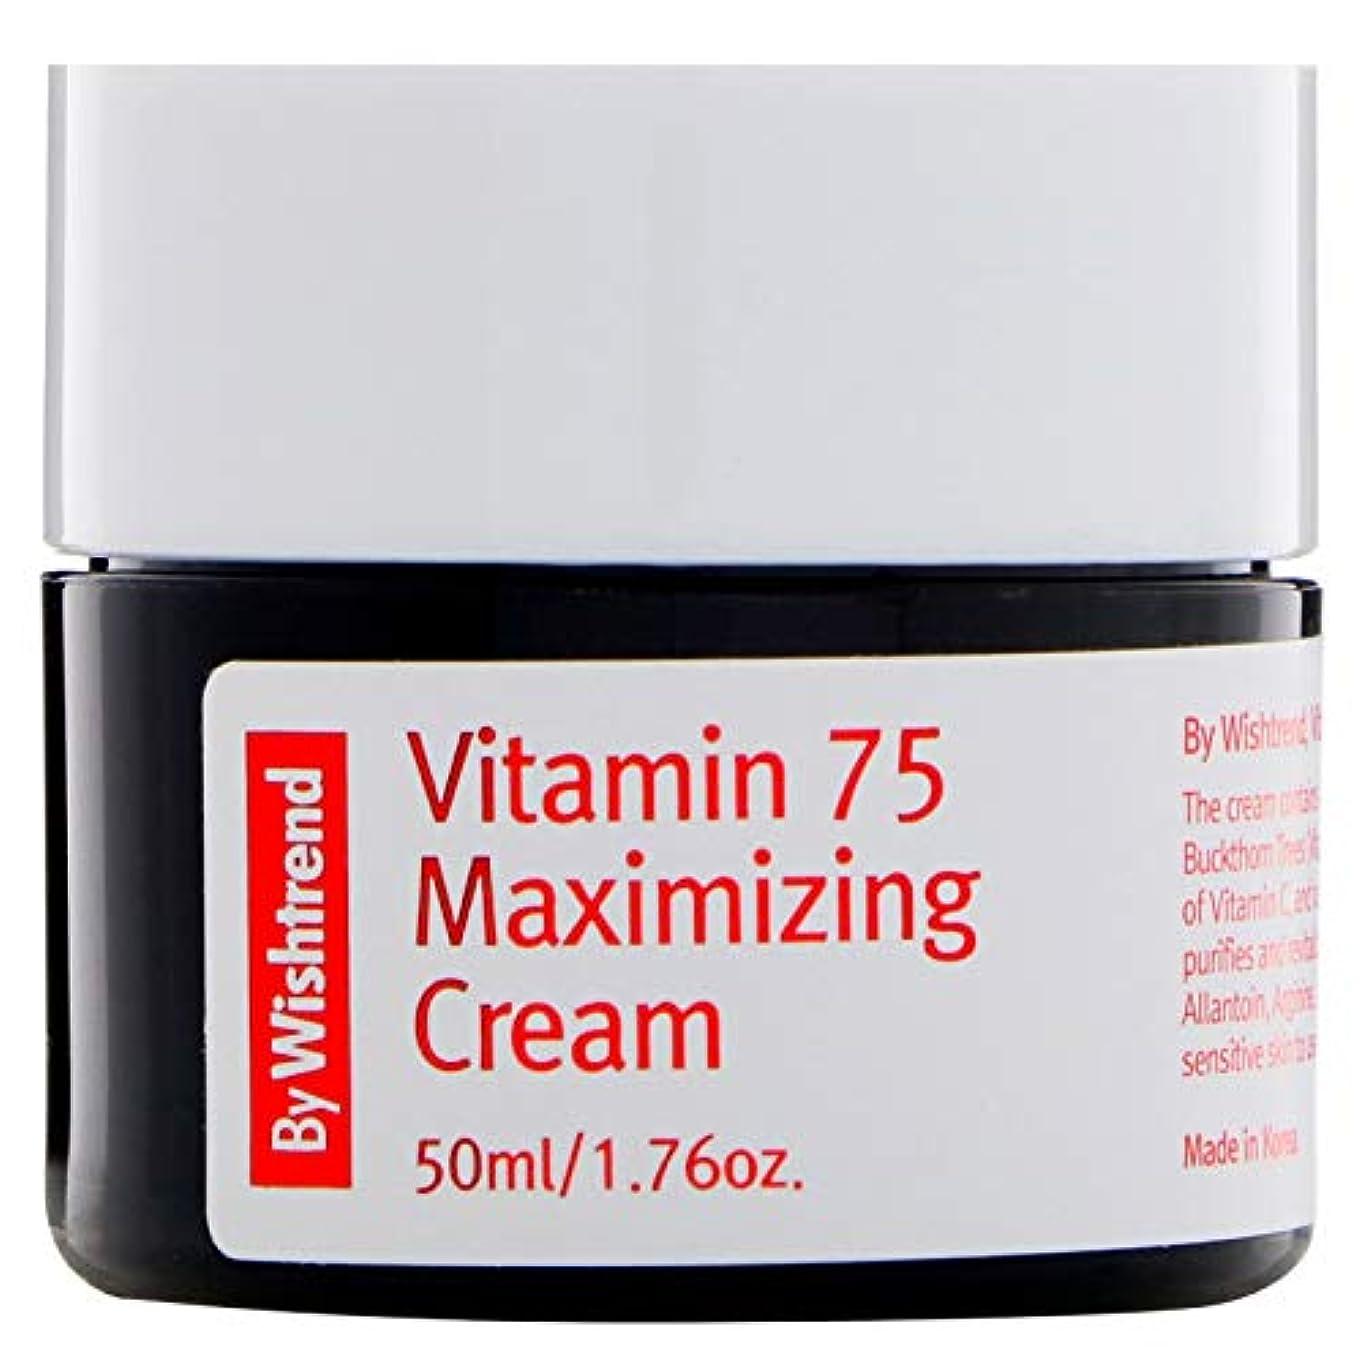 バタフライシェードサポート[BY WISHTREND]ビタミン75 マキシマイジング クリーム, Vitamin 75 Maximizing Cream [並行輸入品]